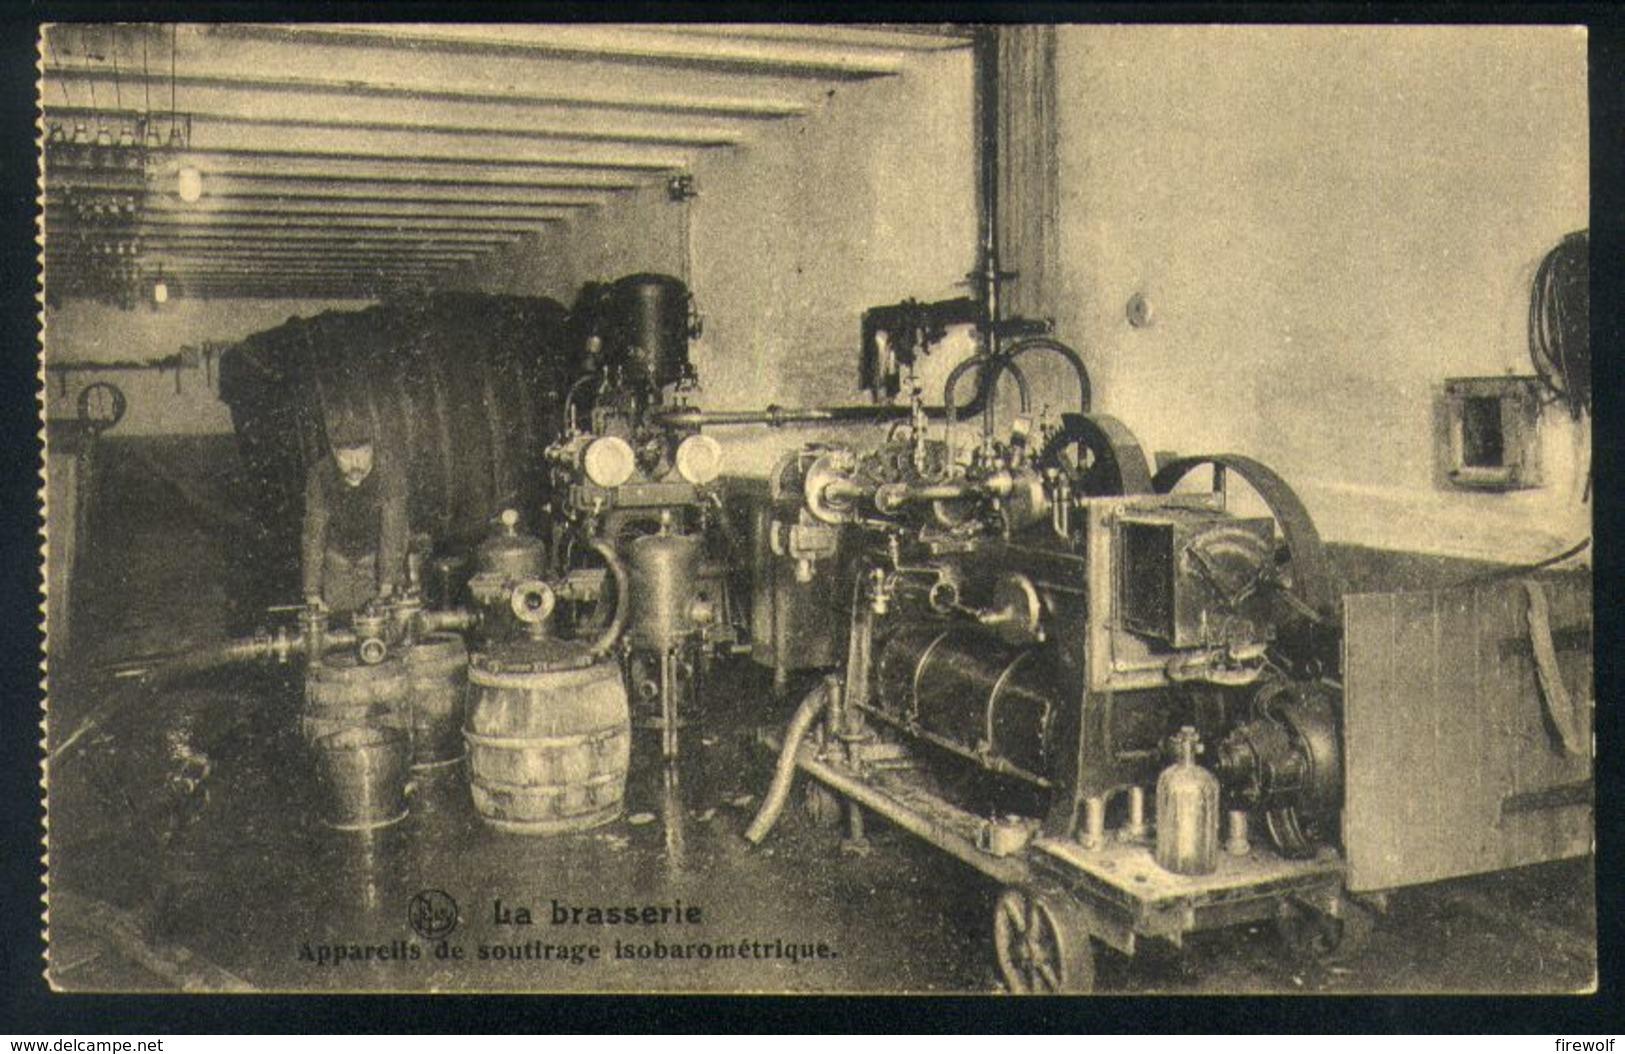 X03 - La Brasserie - Appareils De Soutirage Isobarométrique - Brouwerij / Brewery - Bier / Beer - Belgien